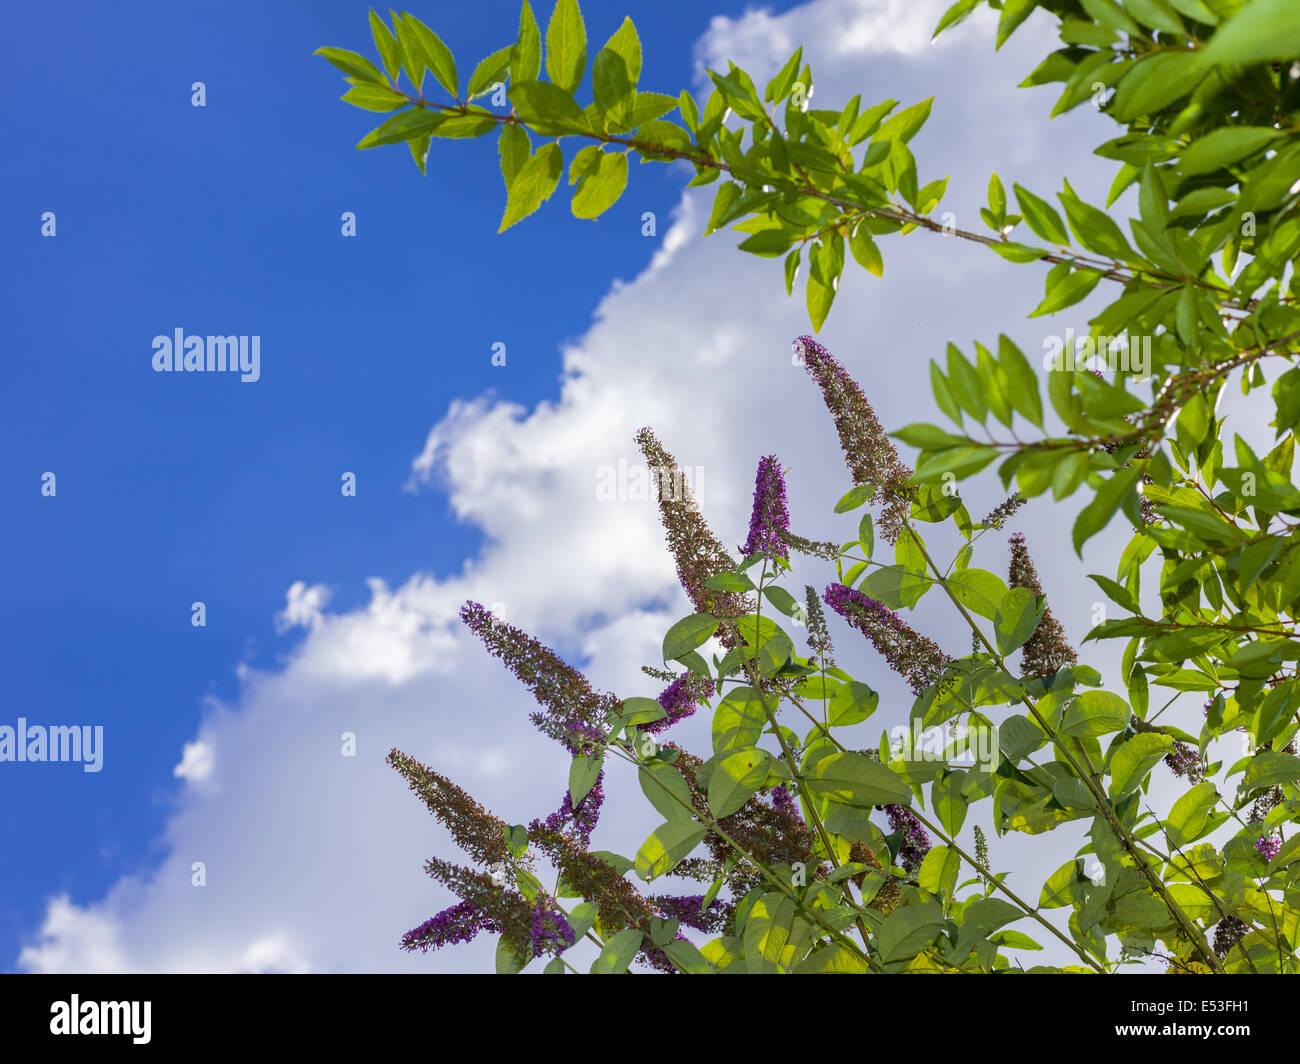 Jardin des plantes à fleurs plante verte fleurs ciel nuage bleu soleil de l'été en plein air Photo Stock